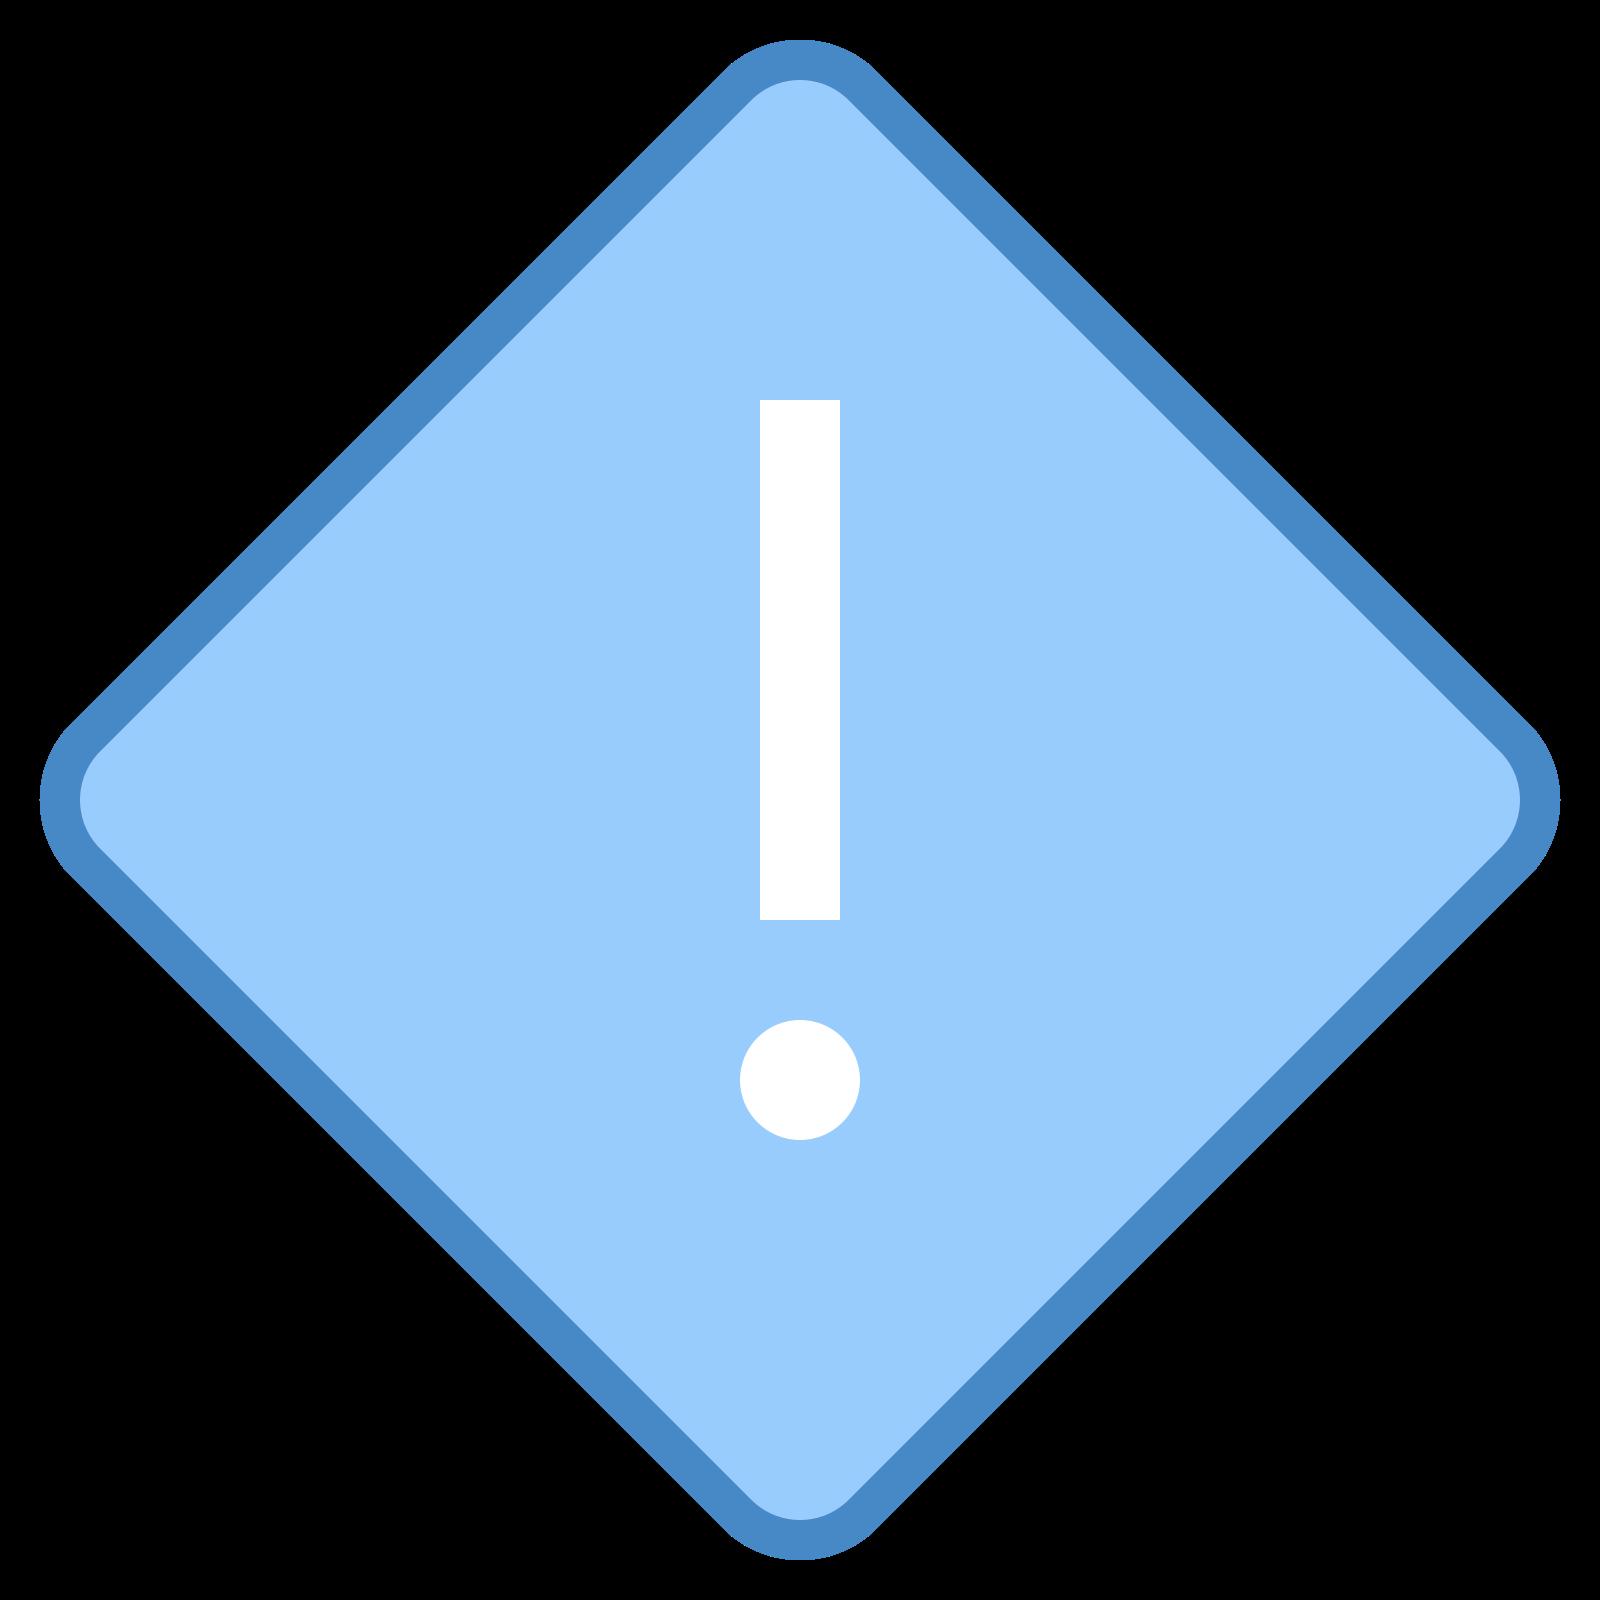 高优先级 icon. There is a single diamond shape, and in the center of the diamond shape is an exclamation mark. There's no other detail to the sign or any other marking on it, it seems like a warning sign of a sort.